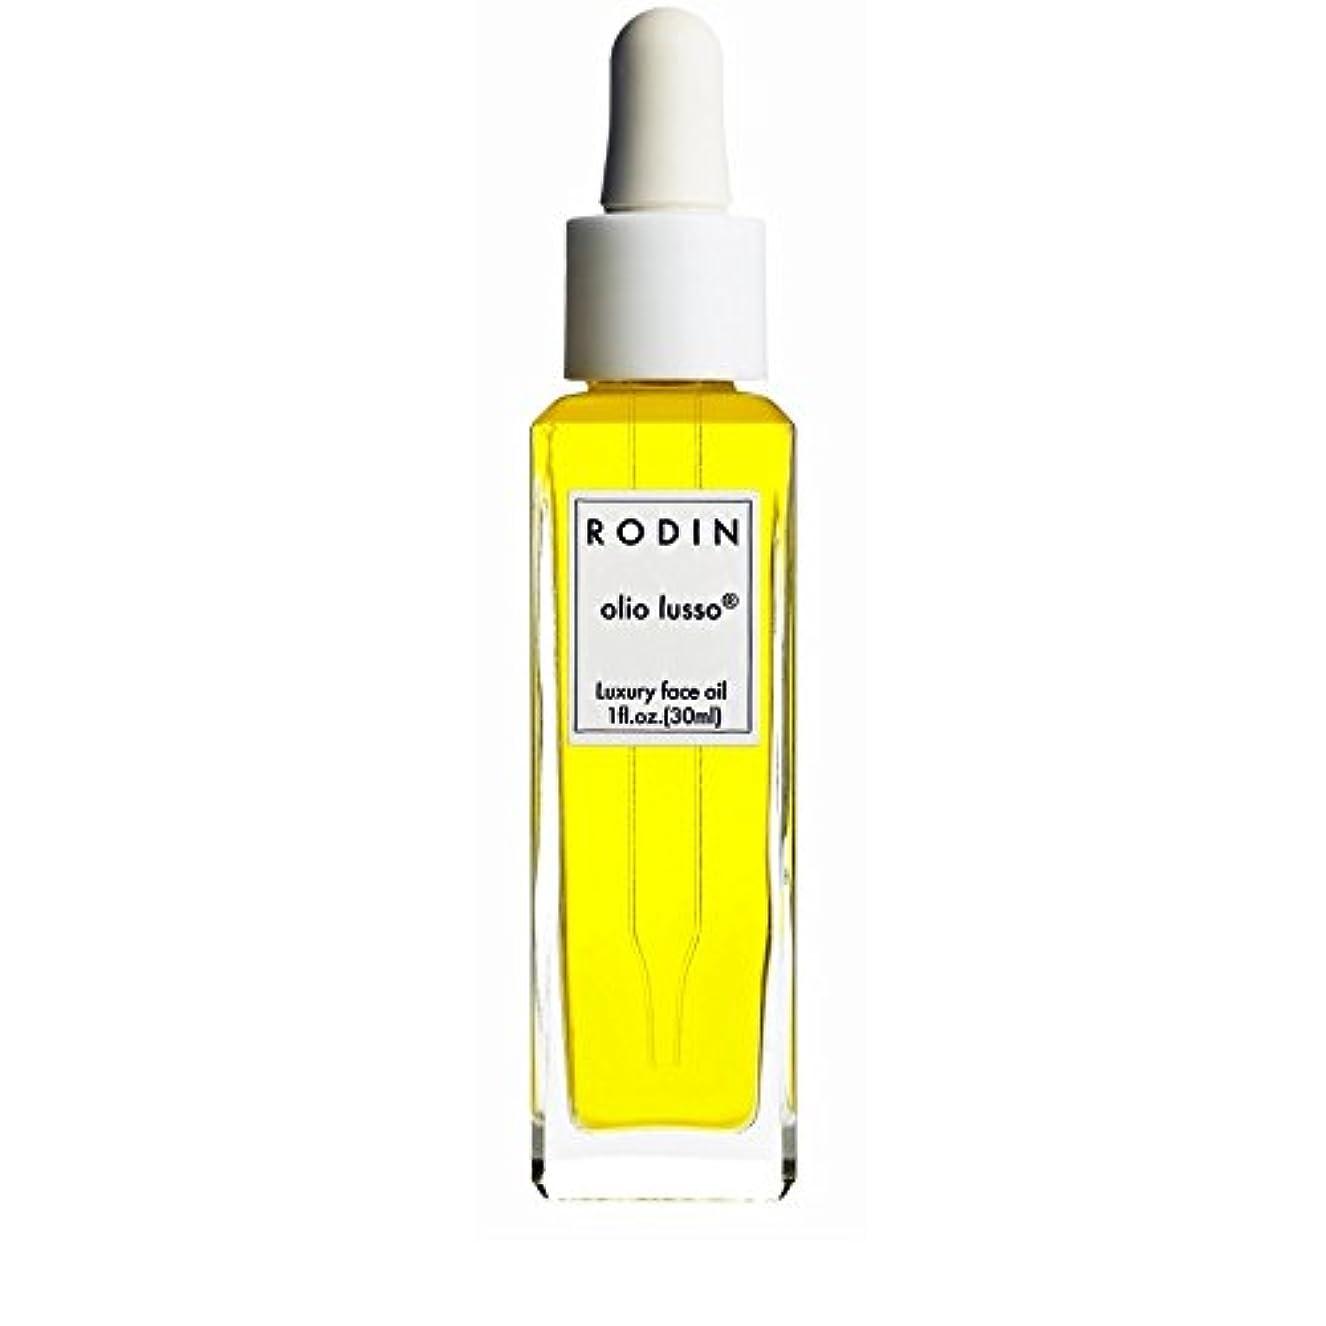 間違えたしゃがむ彼のRODIN olio lusso Jasmine & Neroli Luxury Face Oil 30ml (Pack of 6) - ロダンルッソジャスミン&ネロリ贅沢なフェイスオイル30ミリリットル x6 [並行輸入品]